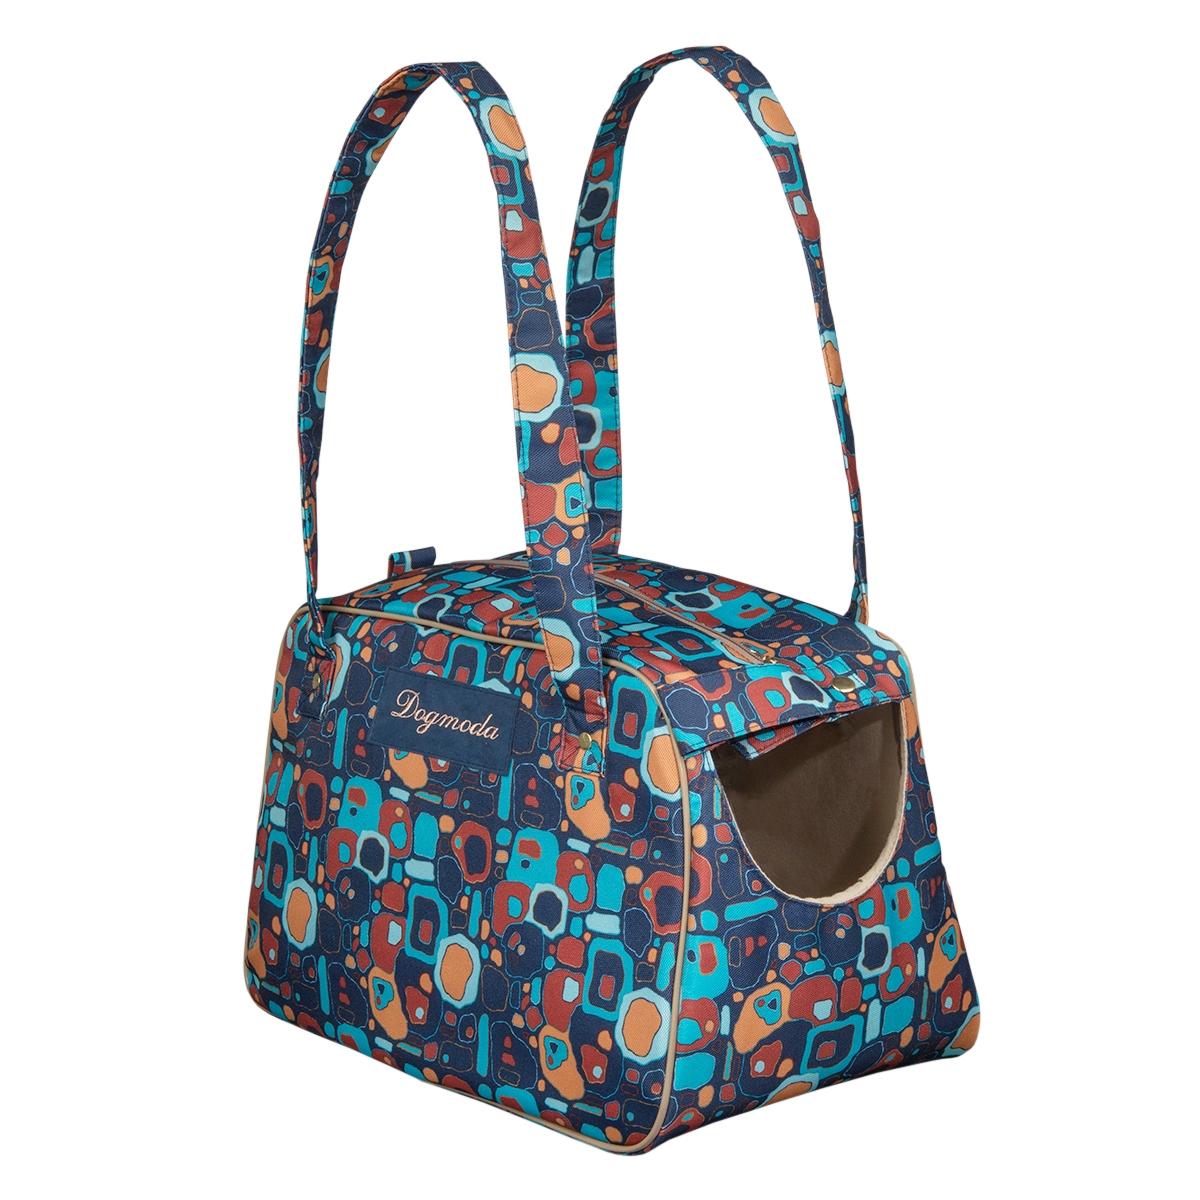 Сумка-переноска Dogmoda Сити для собакиDM-160118Встречайте весну модно - эта стильная и удобная сумка-переноска из плотной джинсы будет радовать и Вас, и Вашего любимца.